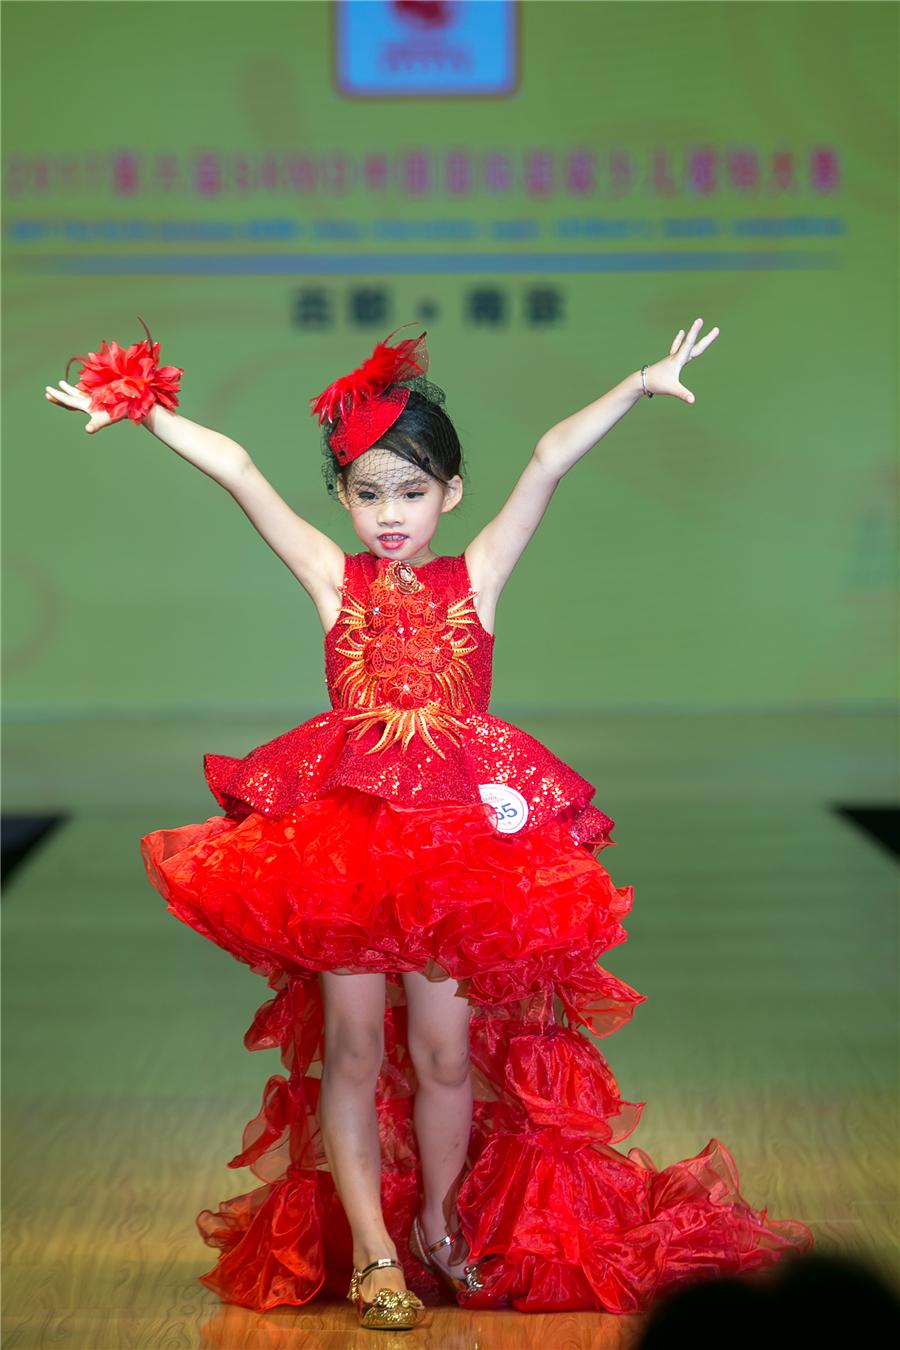 姚清婧—2017第六屆SKMD中國國際超級少兒模特大賽——兒童組季軍